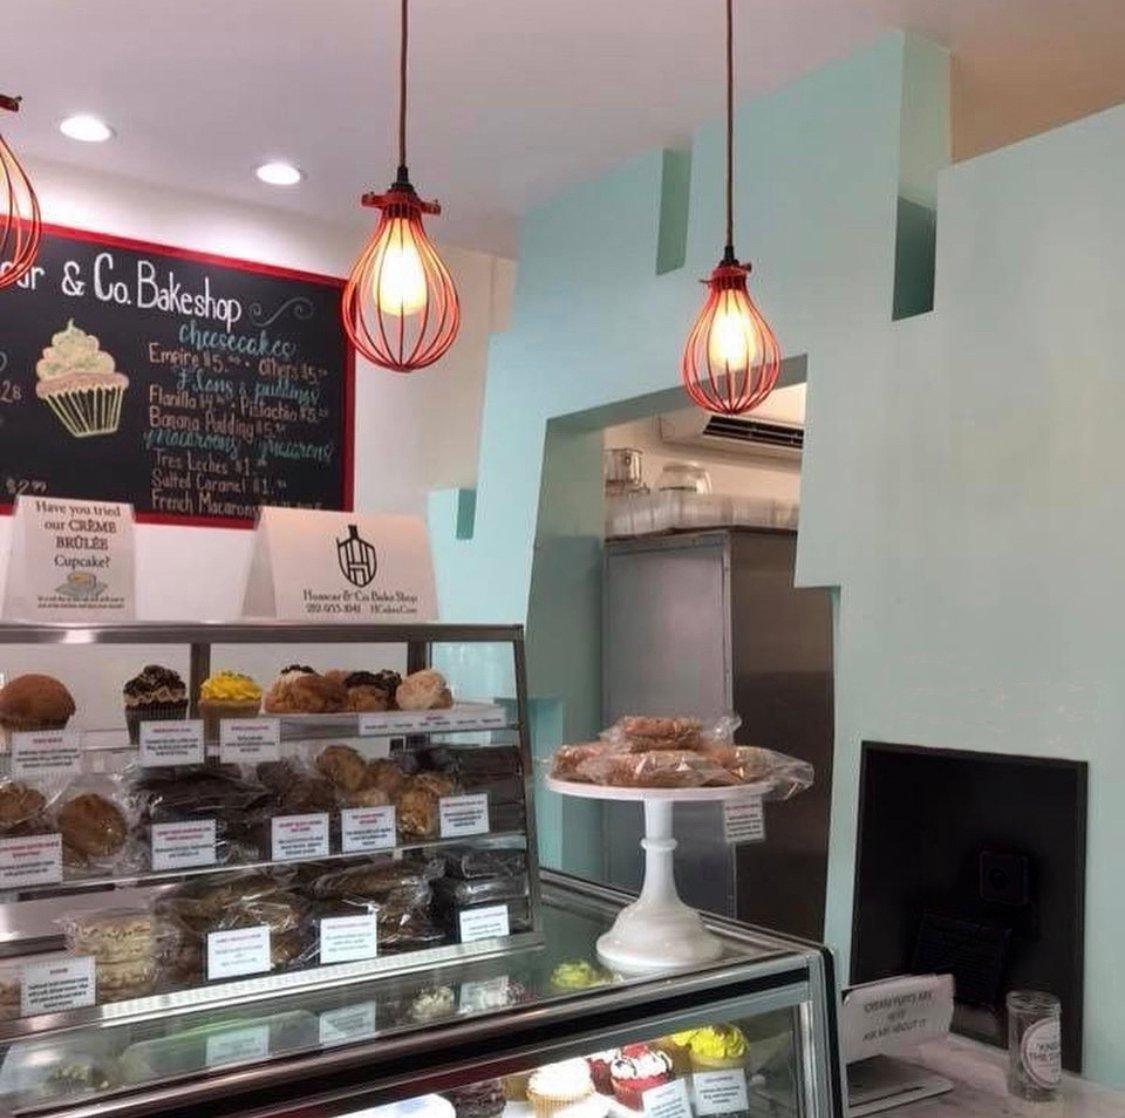 Huascar & Co. Bake Shop, un progetto vivace per uno chef creativo